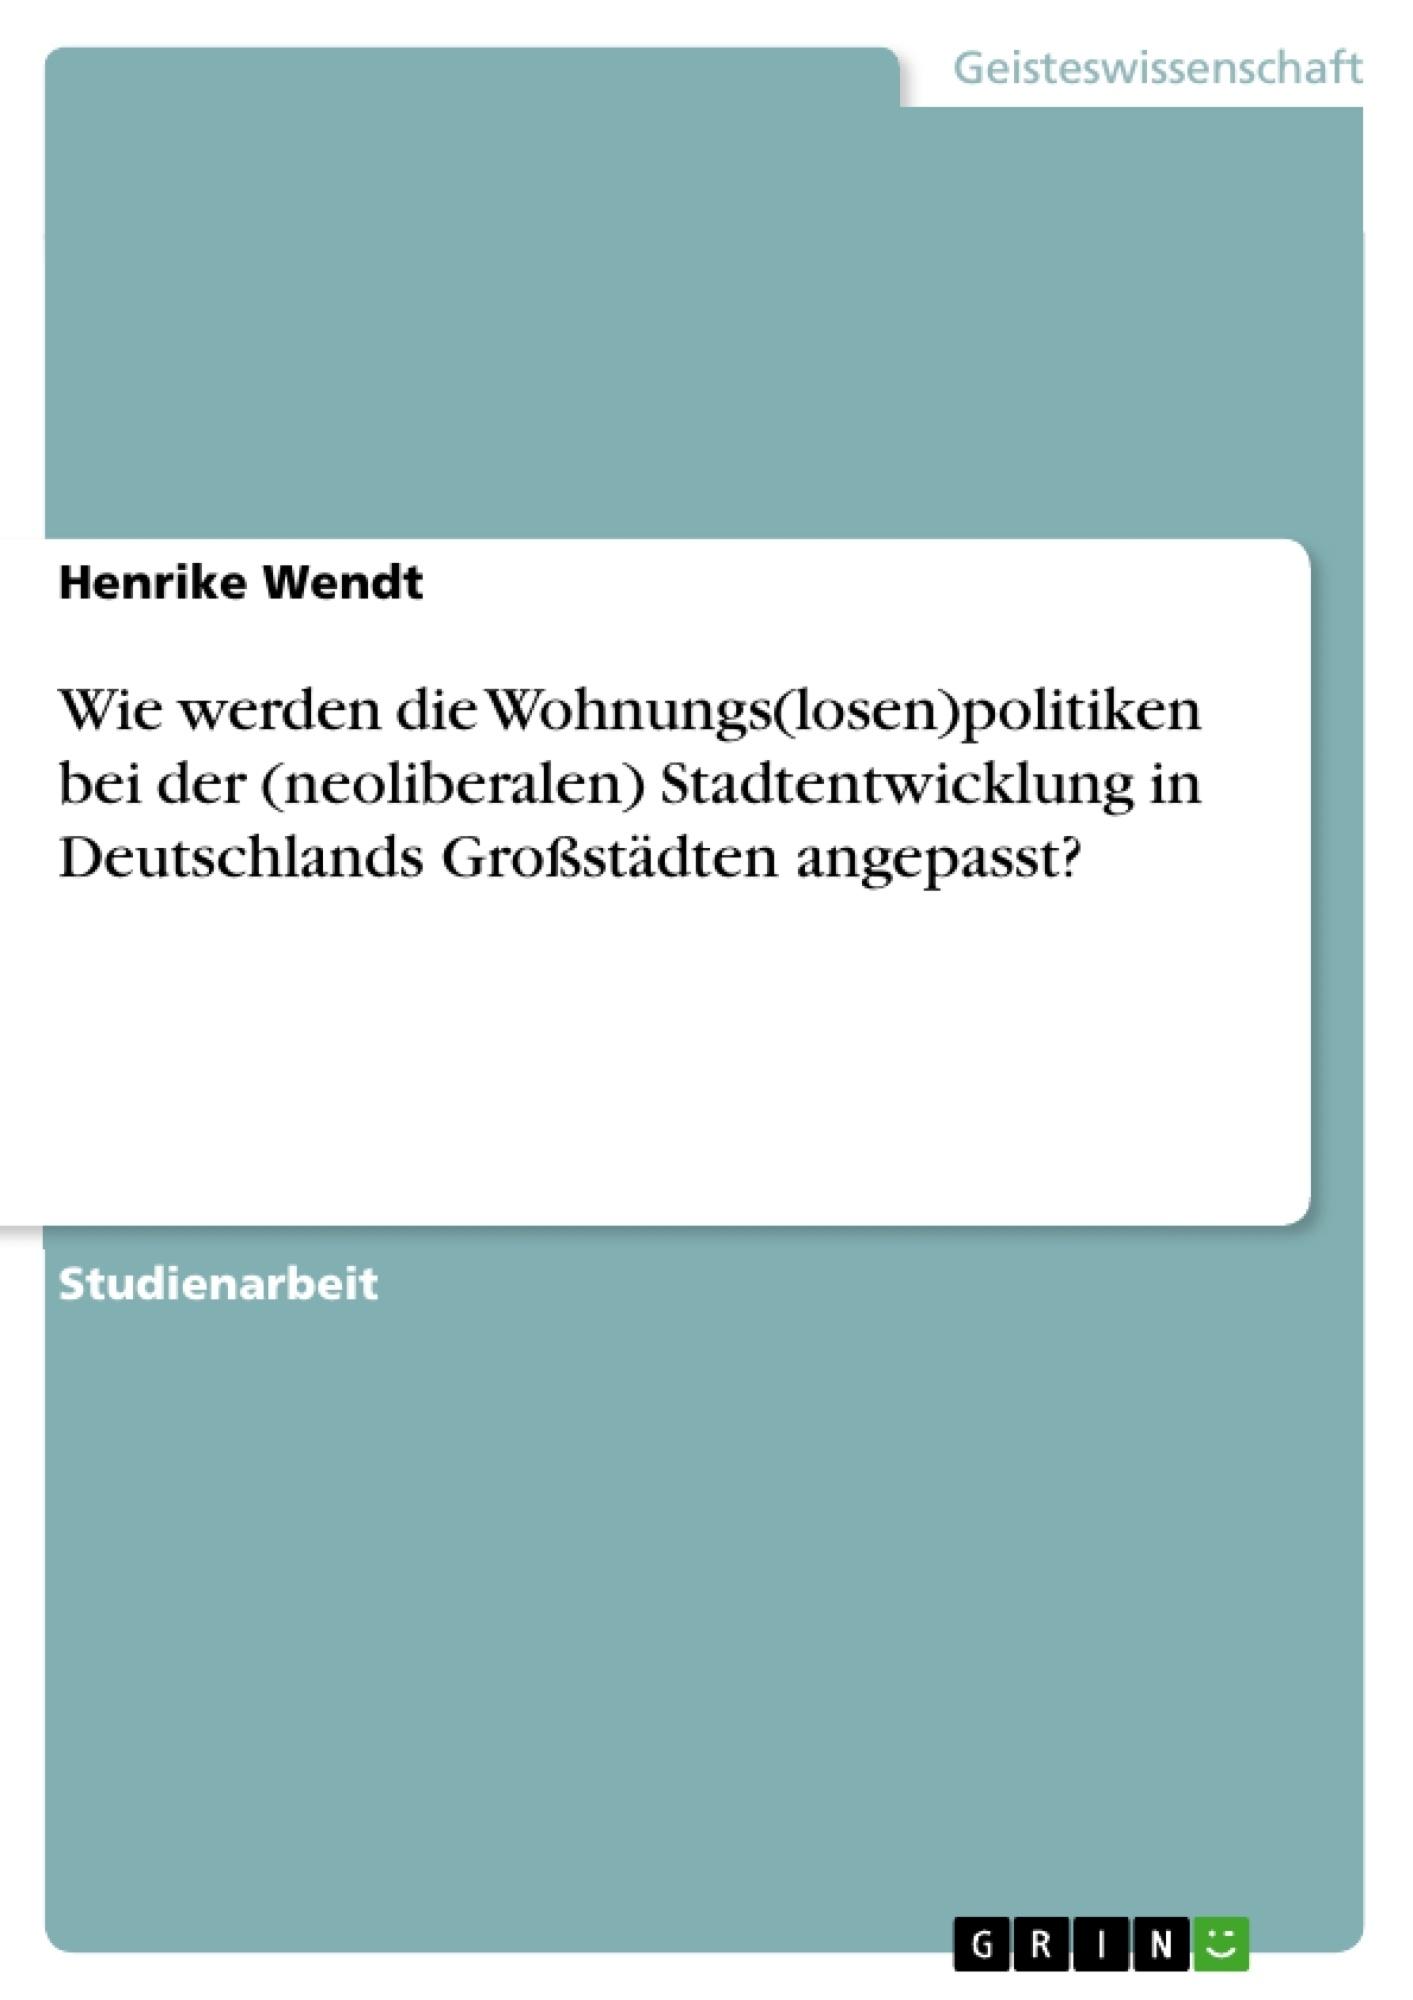 Titel: Wie werden die Wohnungs(losen)politiken bei der (neoliberalen) Stadtentwicklung in Deutschlands Großstädten angepasst?